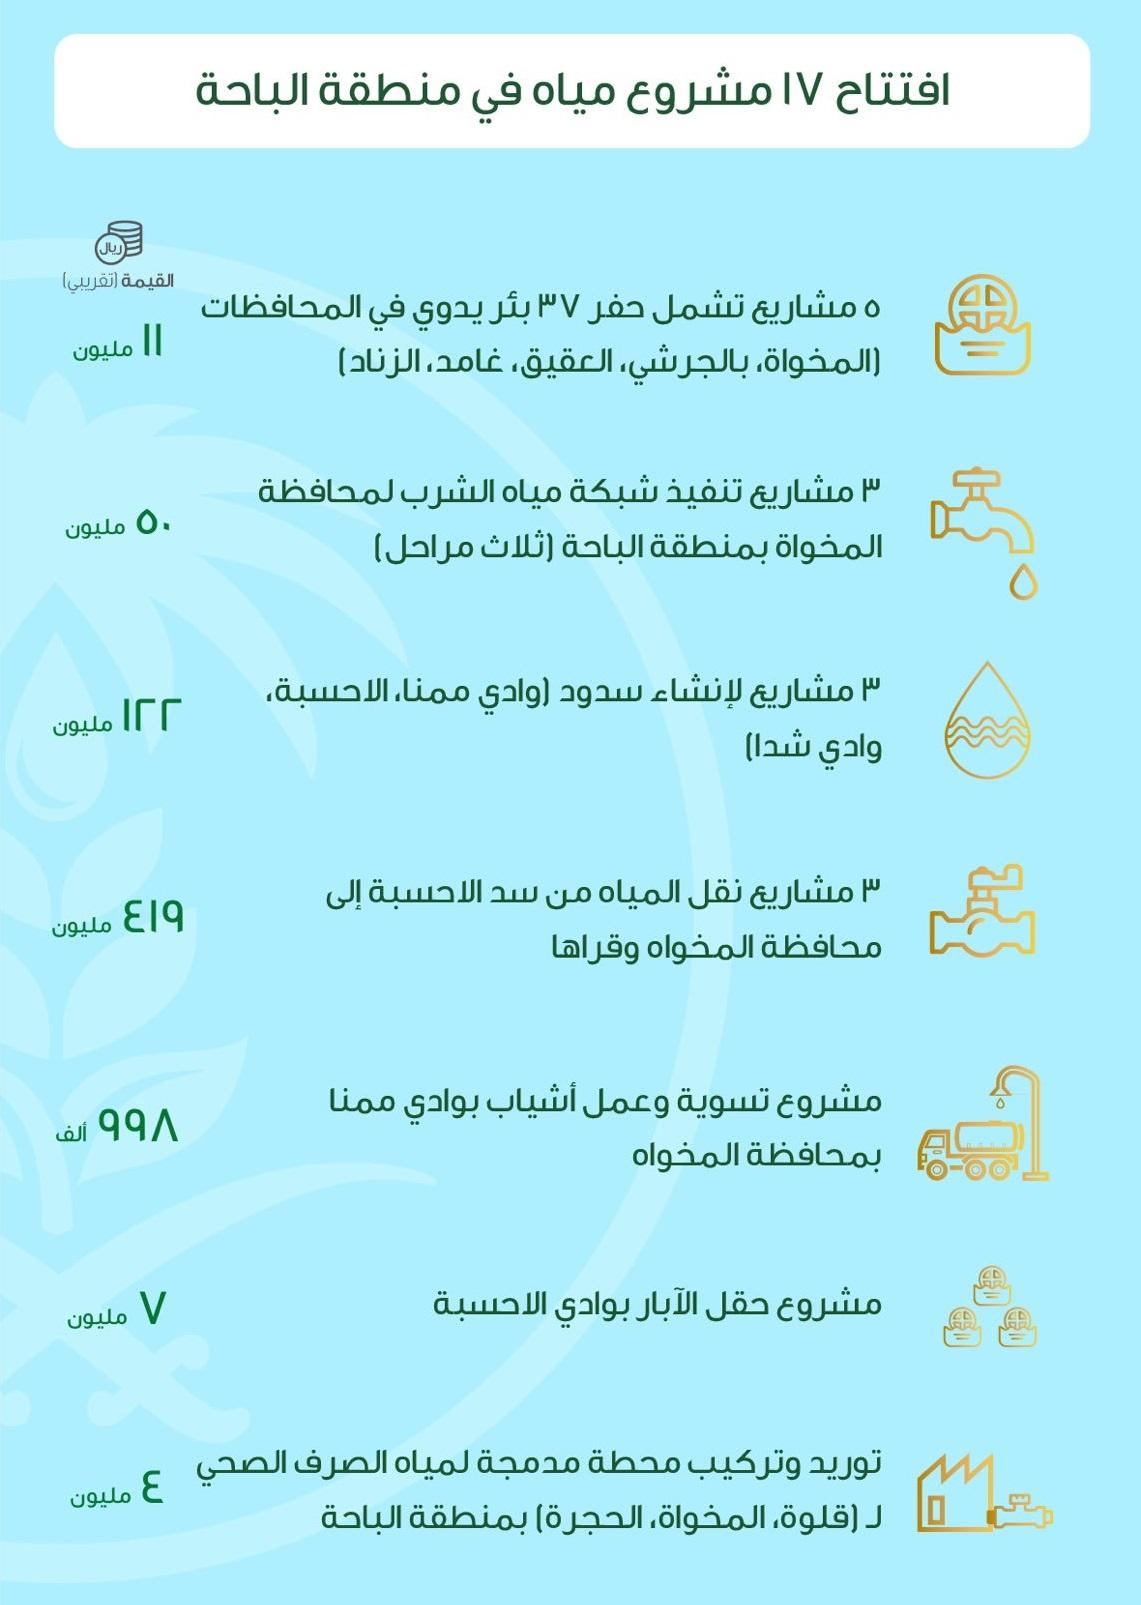 افتتاح 17 مشروع مياه في منطقة الباحة